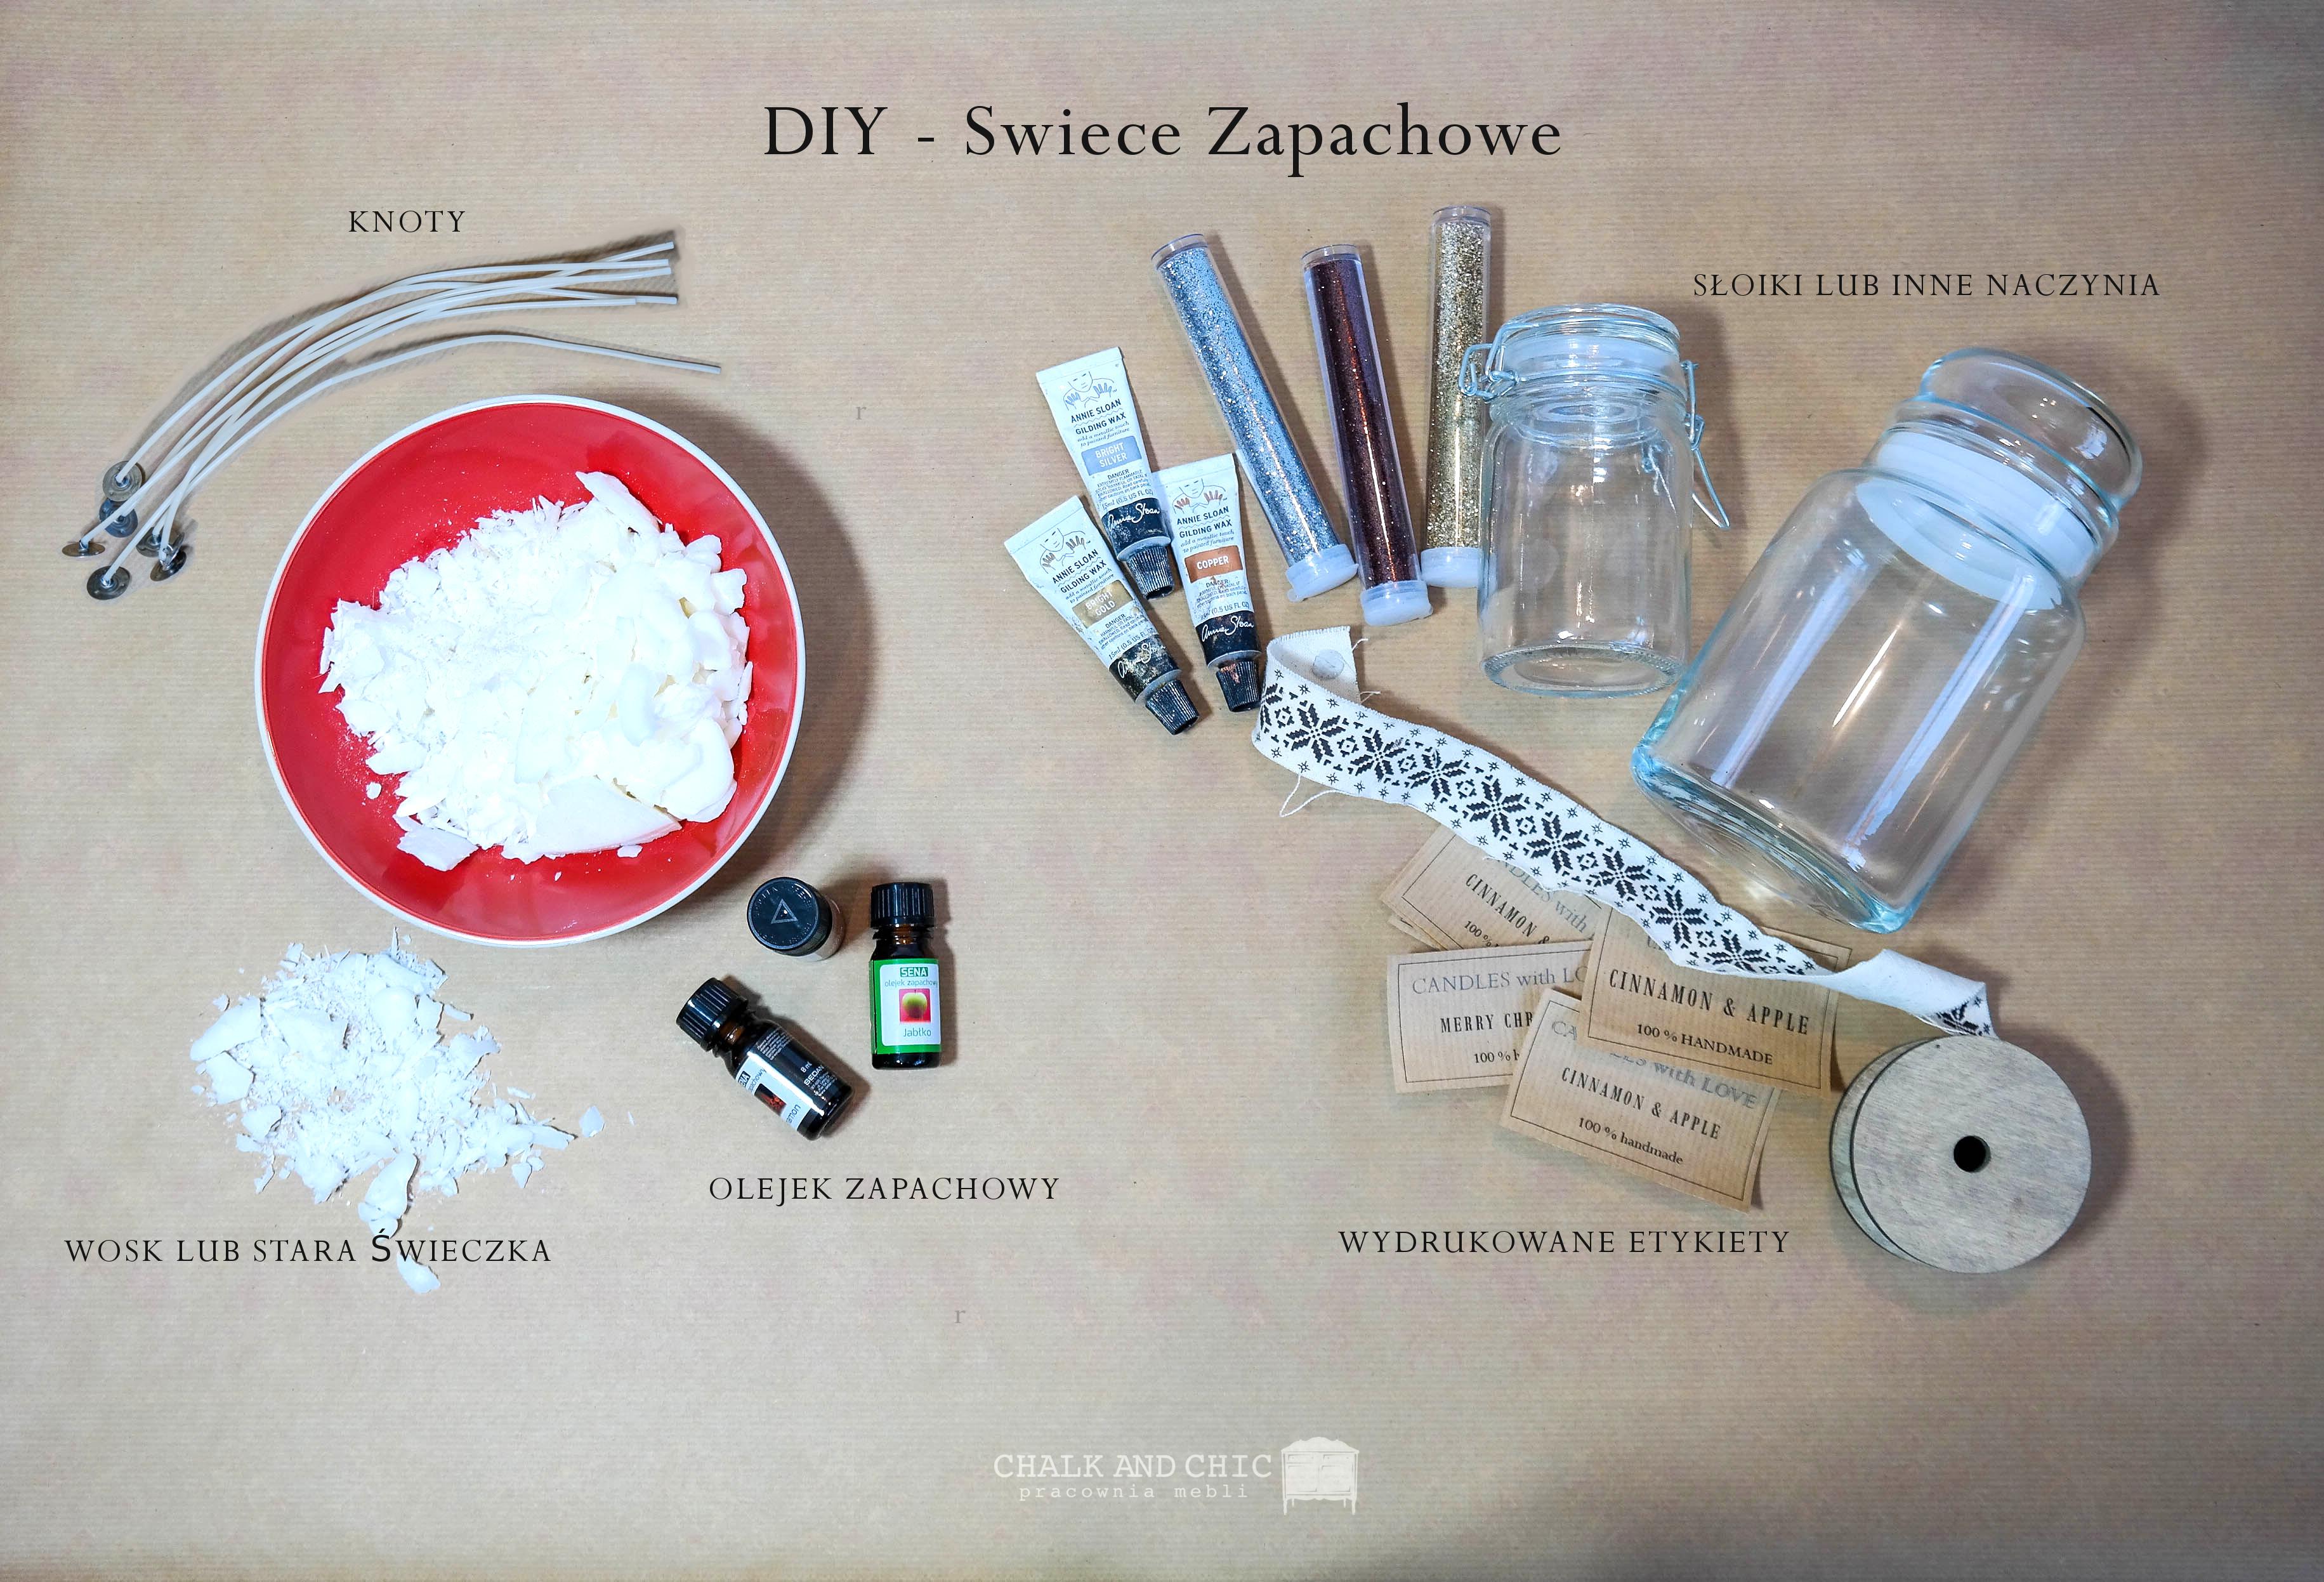 świece zapachowe DIY jak wykonać ?